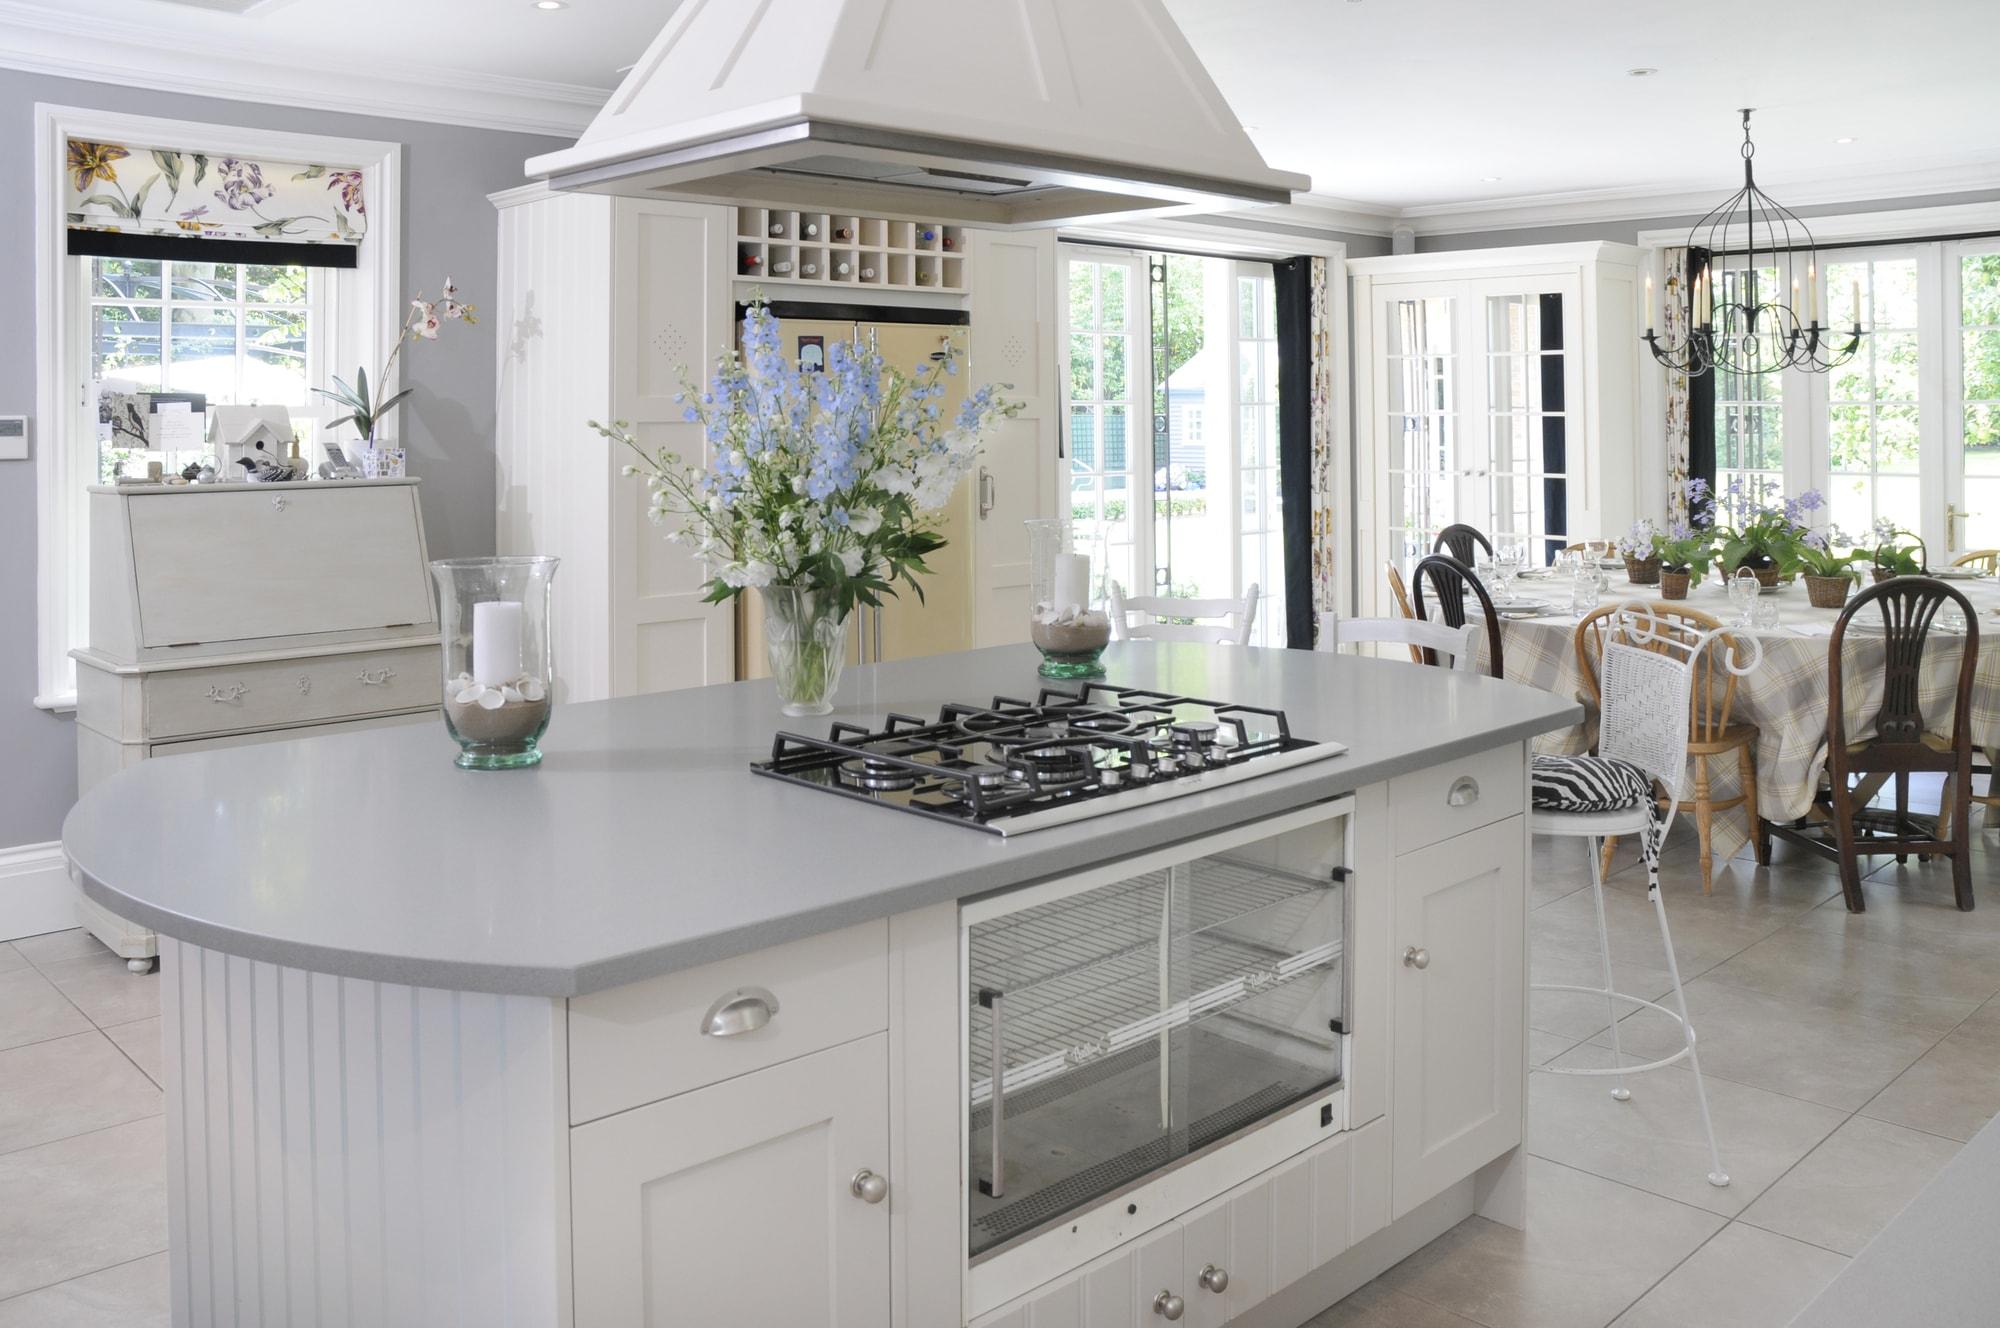 Jakie płytki do kuchni na podłogę - wielkoformatowe